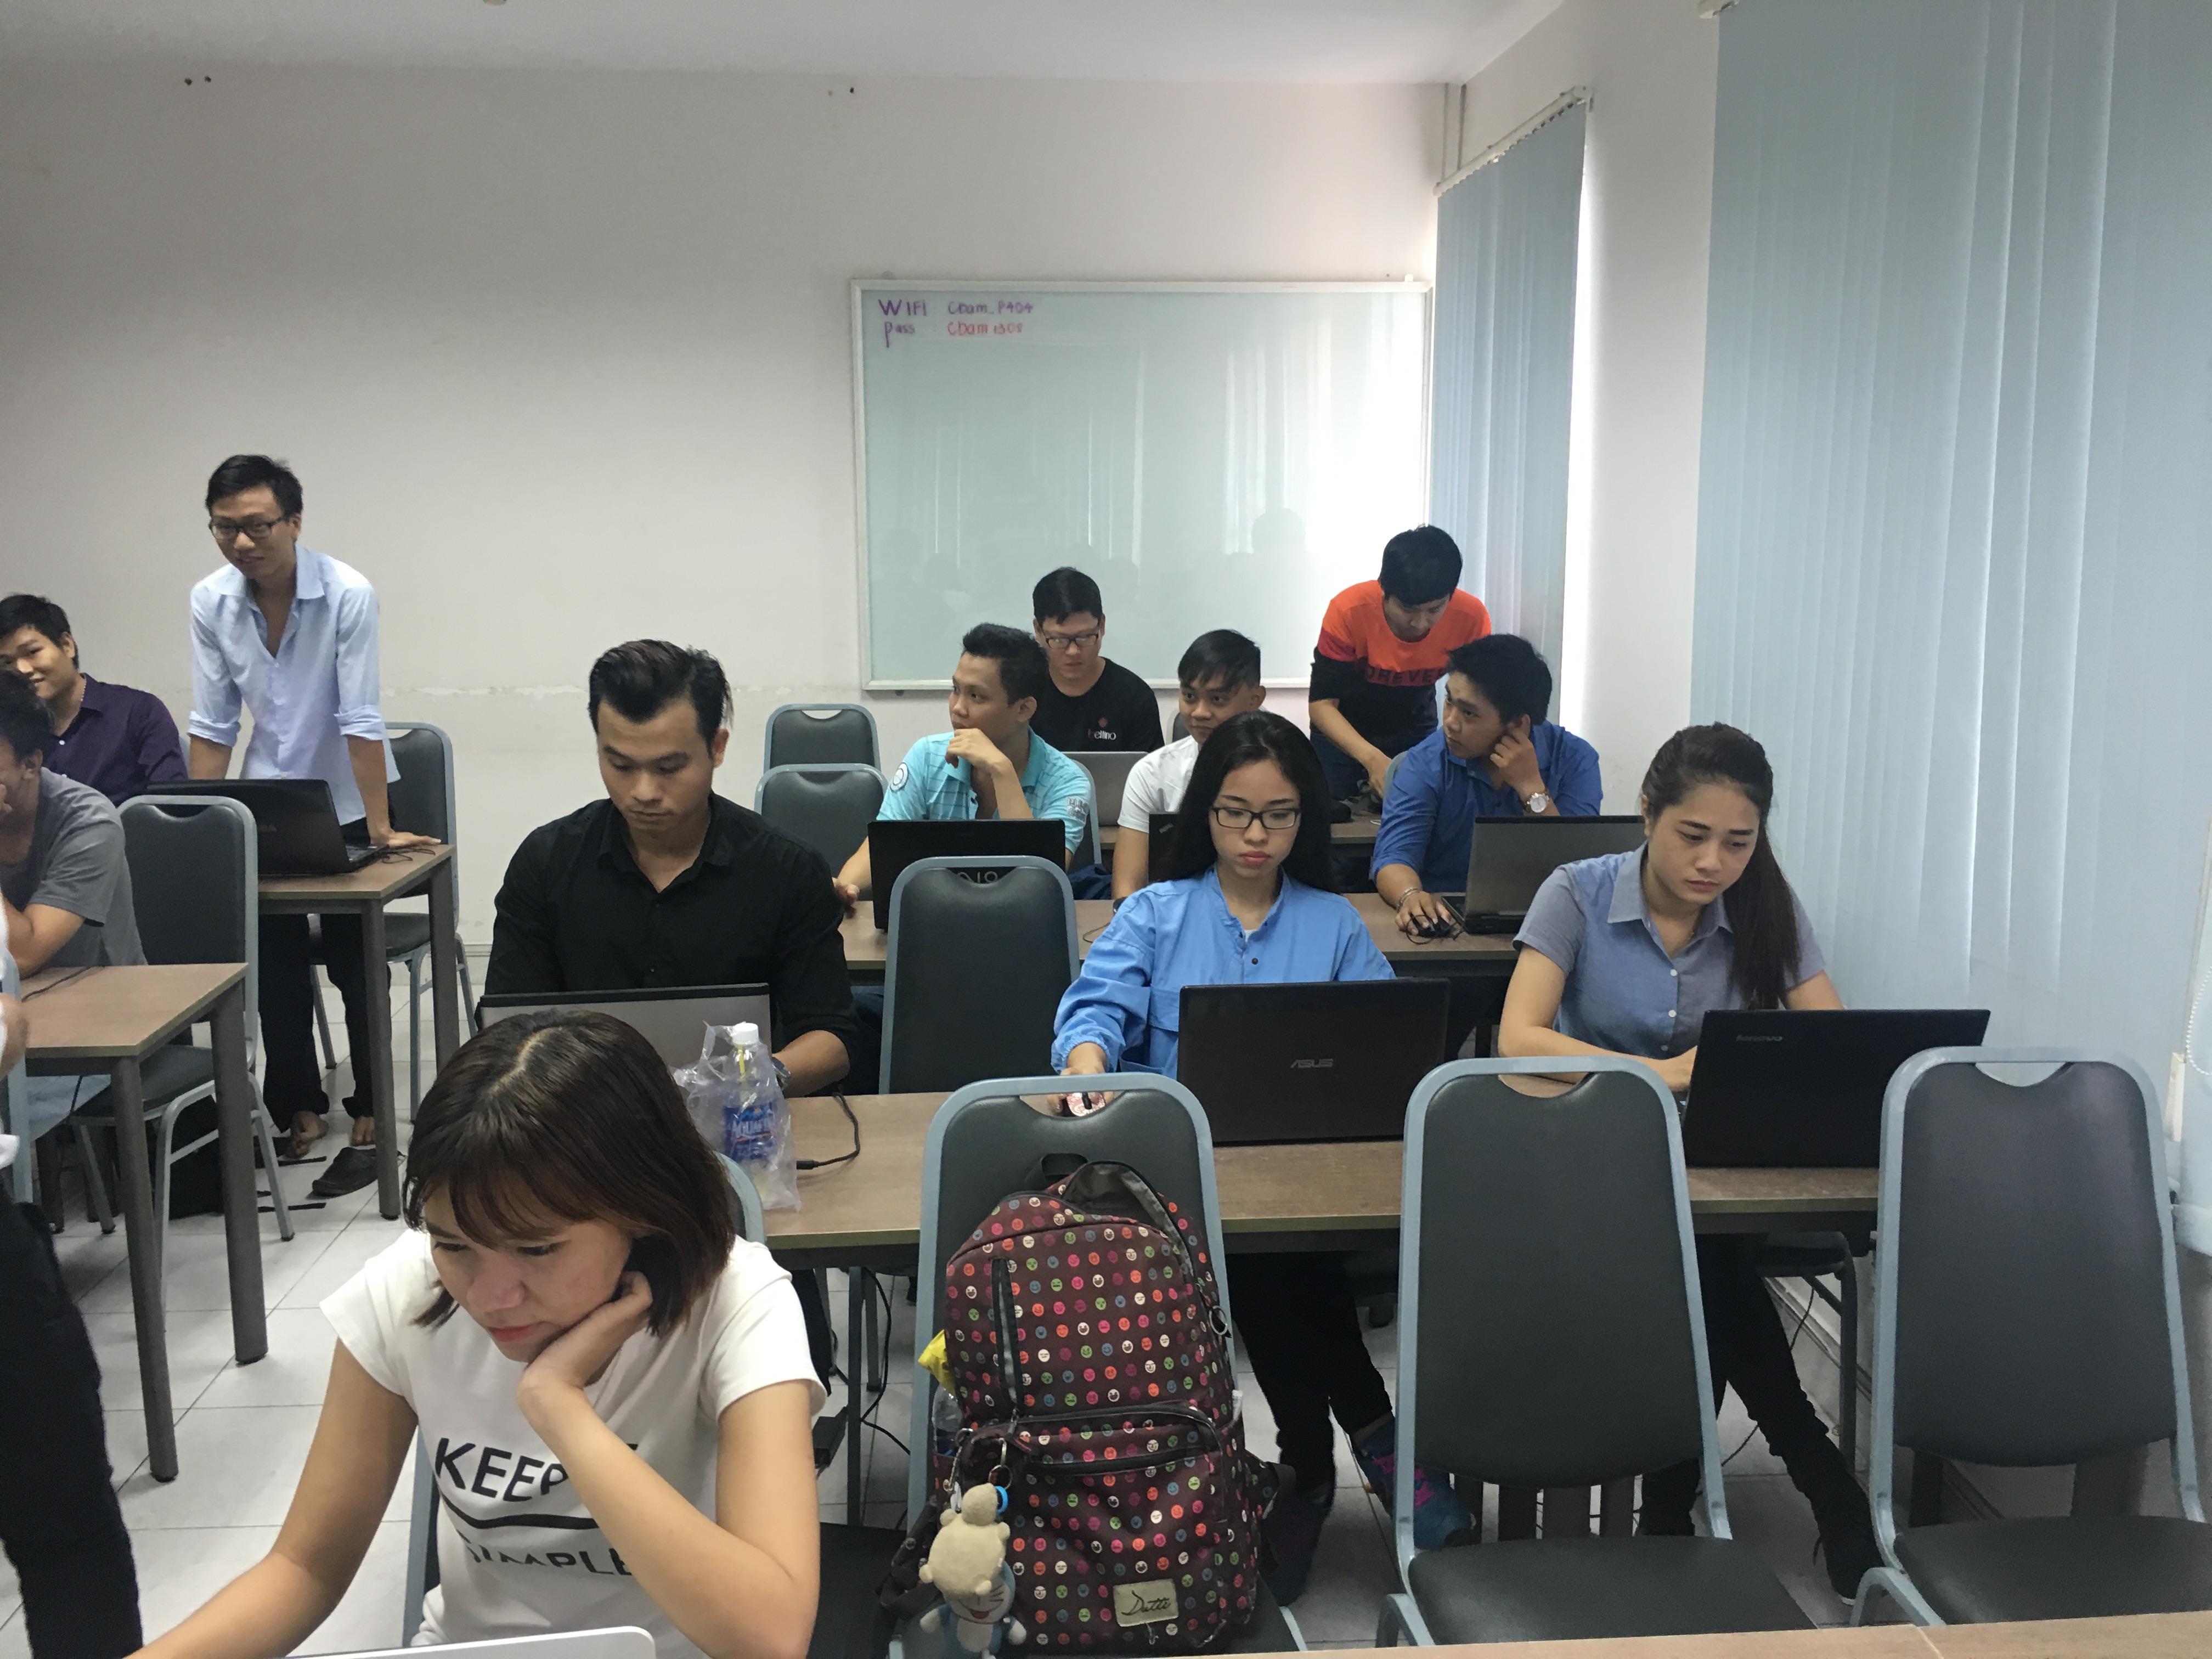 Học viên gới thiệu làm quen trước khi học WordPress